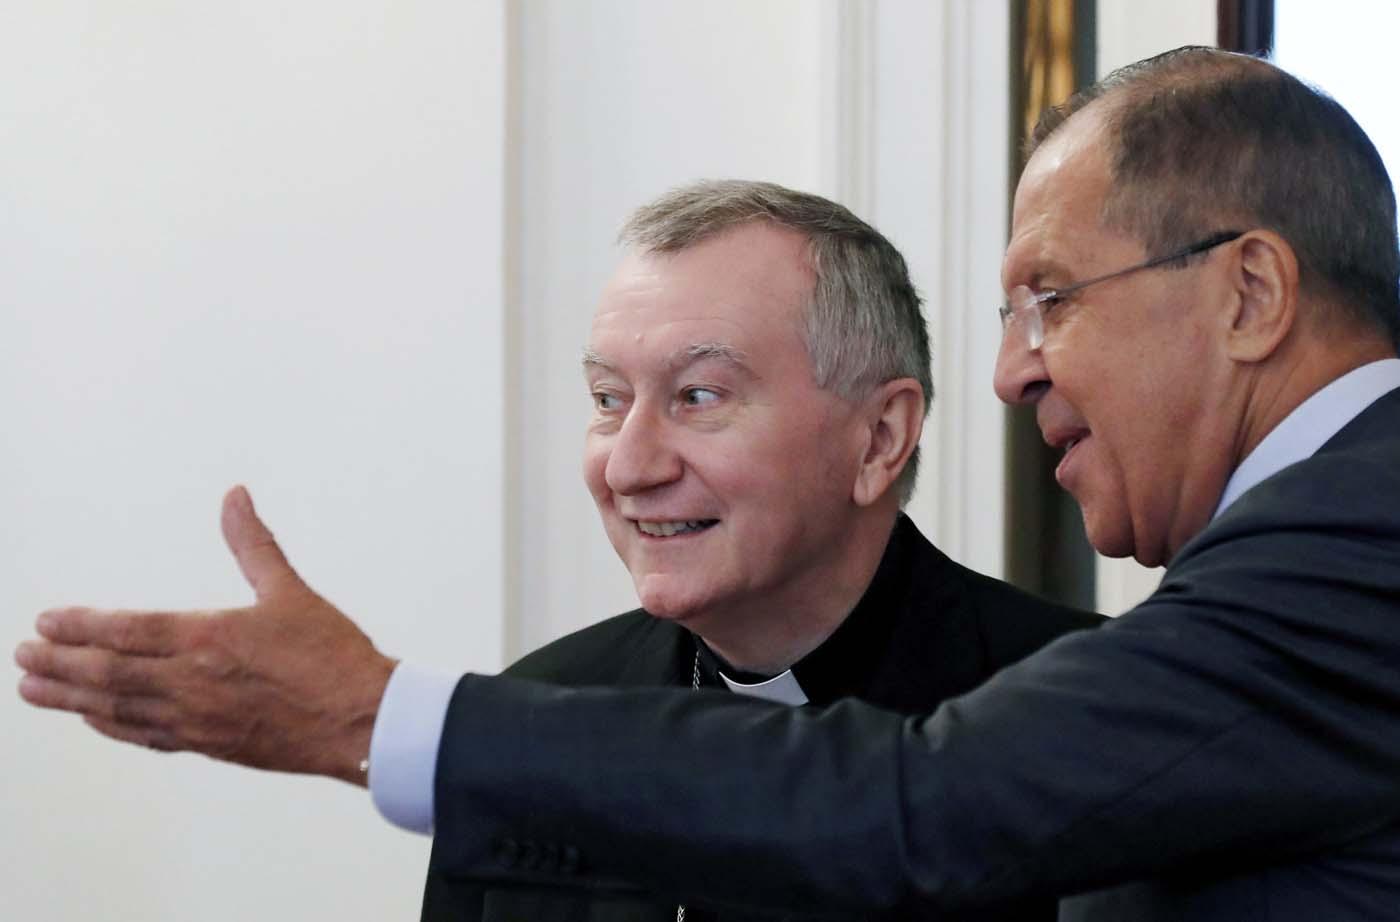 FET04 MOSCÚ (RUSIA) 22/08/2017.- El ministro ruso de Exteriores, Sergei Lavrov (d, de espaldas), se reúne con el secretario de Estado Vaticano, el cardenal Pietro Parolin, en Moscú (Rusia) hoy, 22 de agosto de 2017. EFE/Sergei Ilnitsky